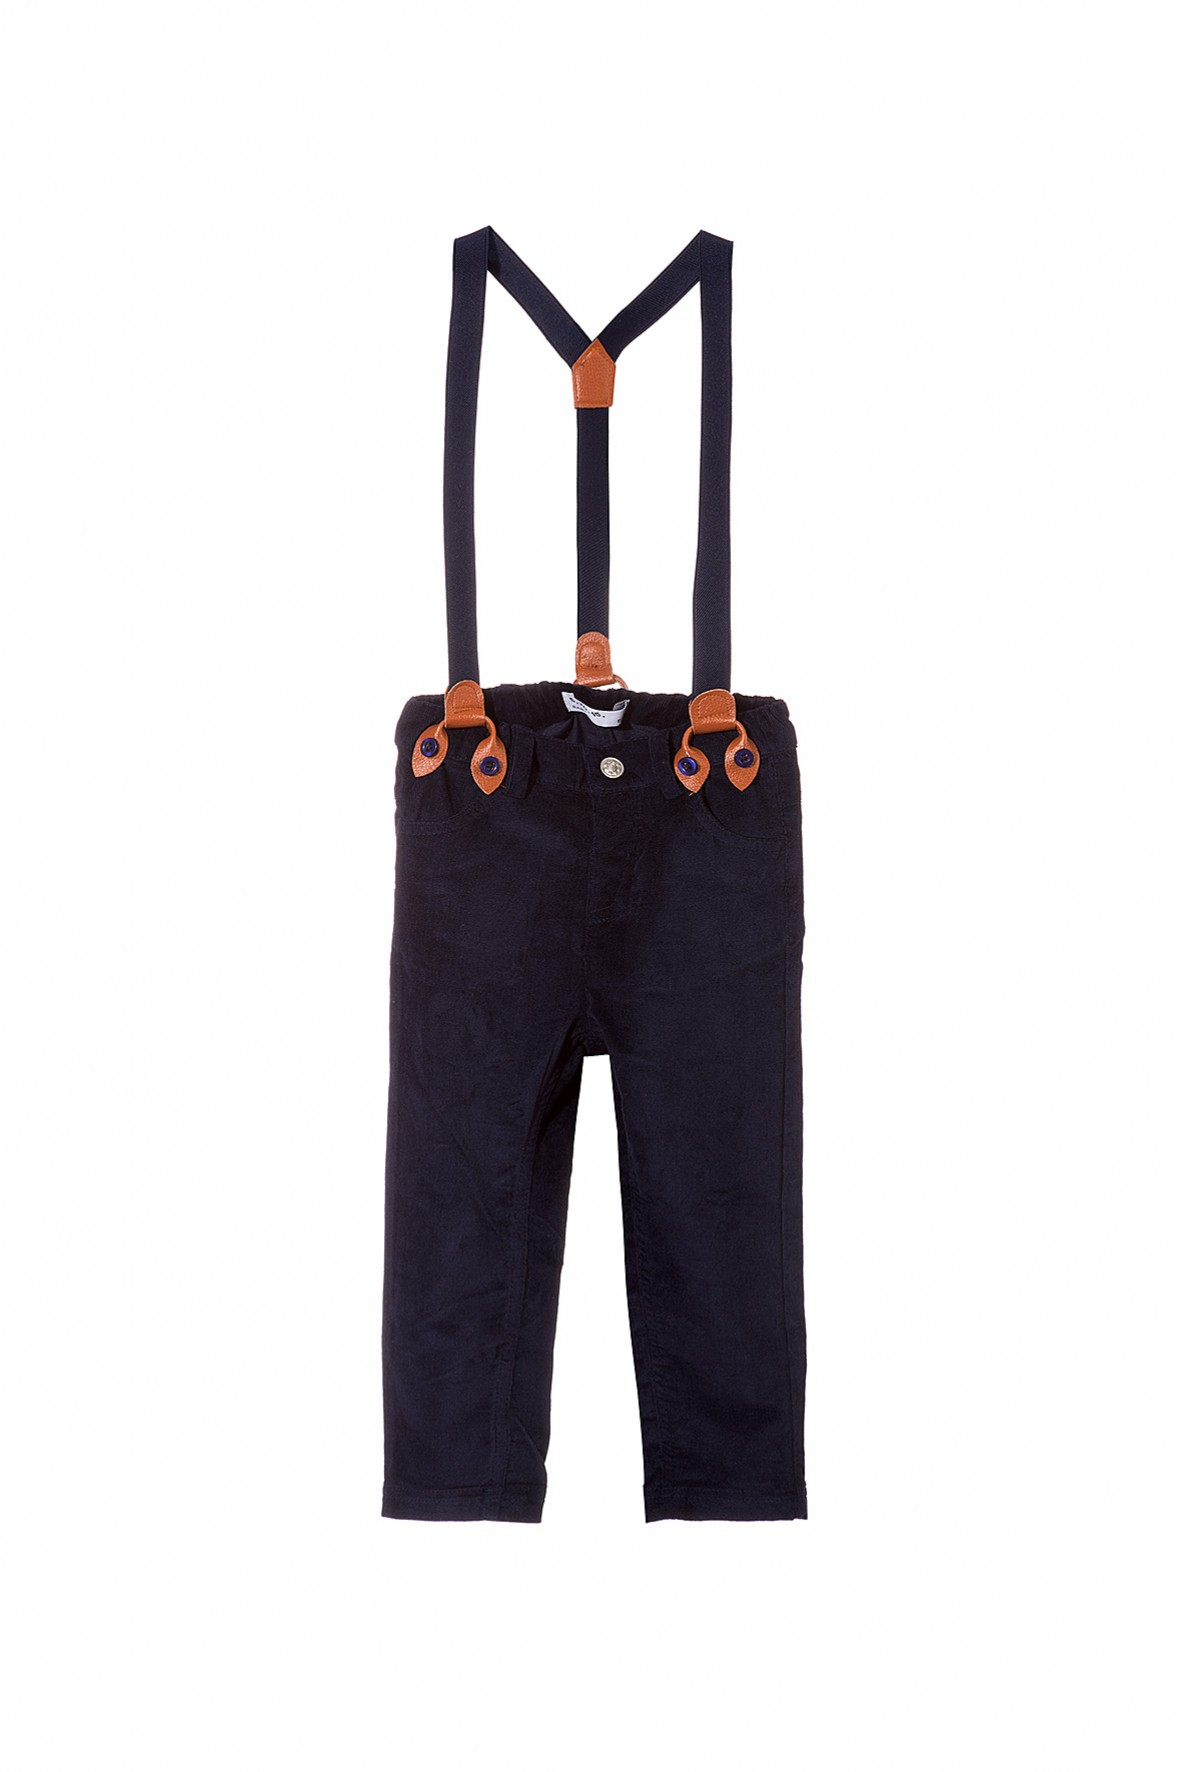 Spodnie chłopięce na szelkach 5L3508